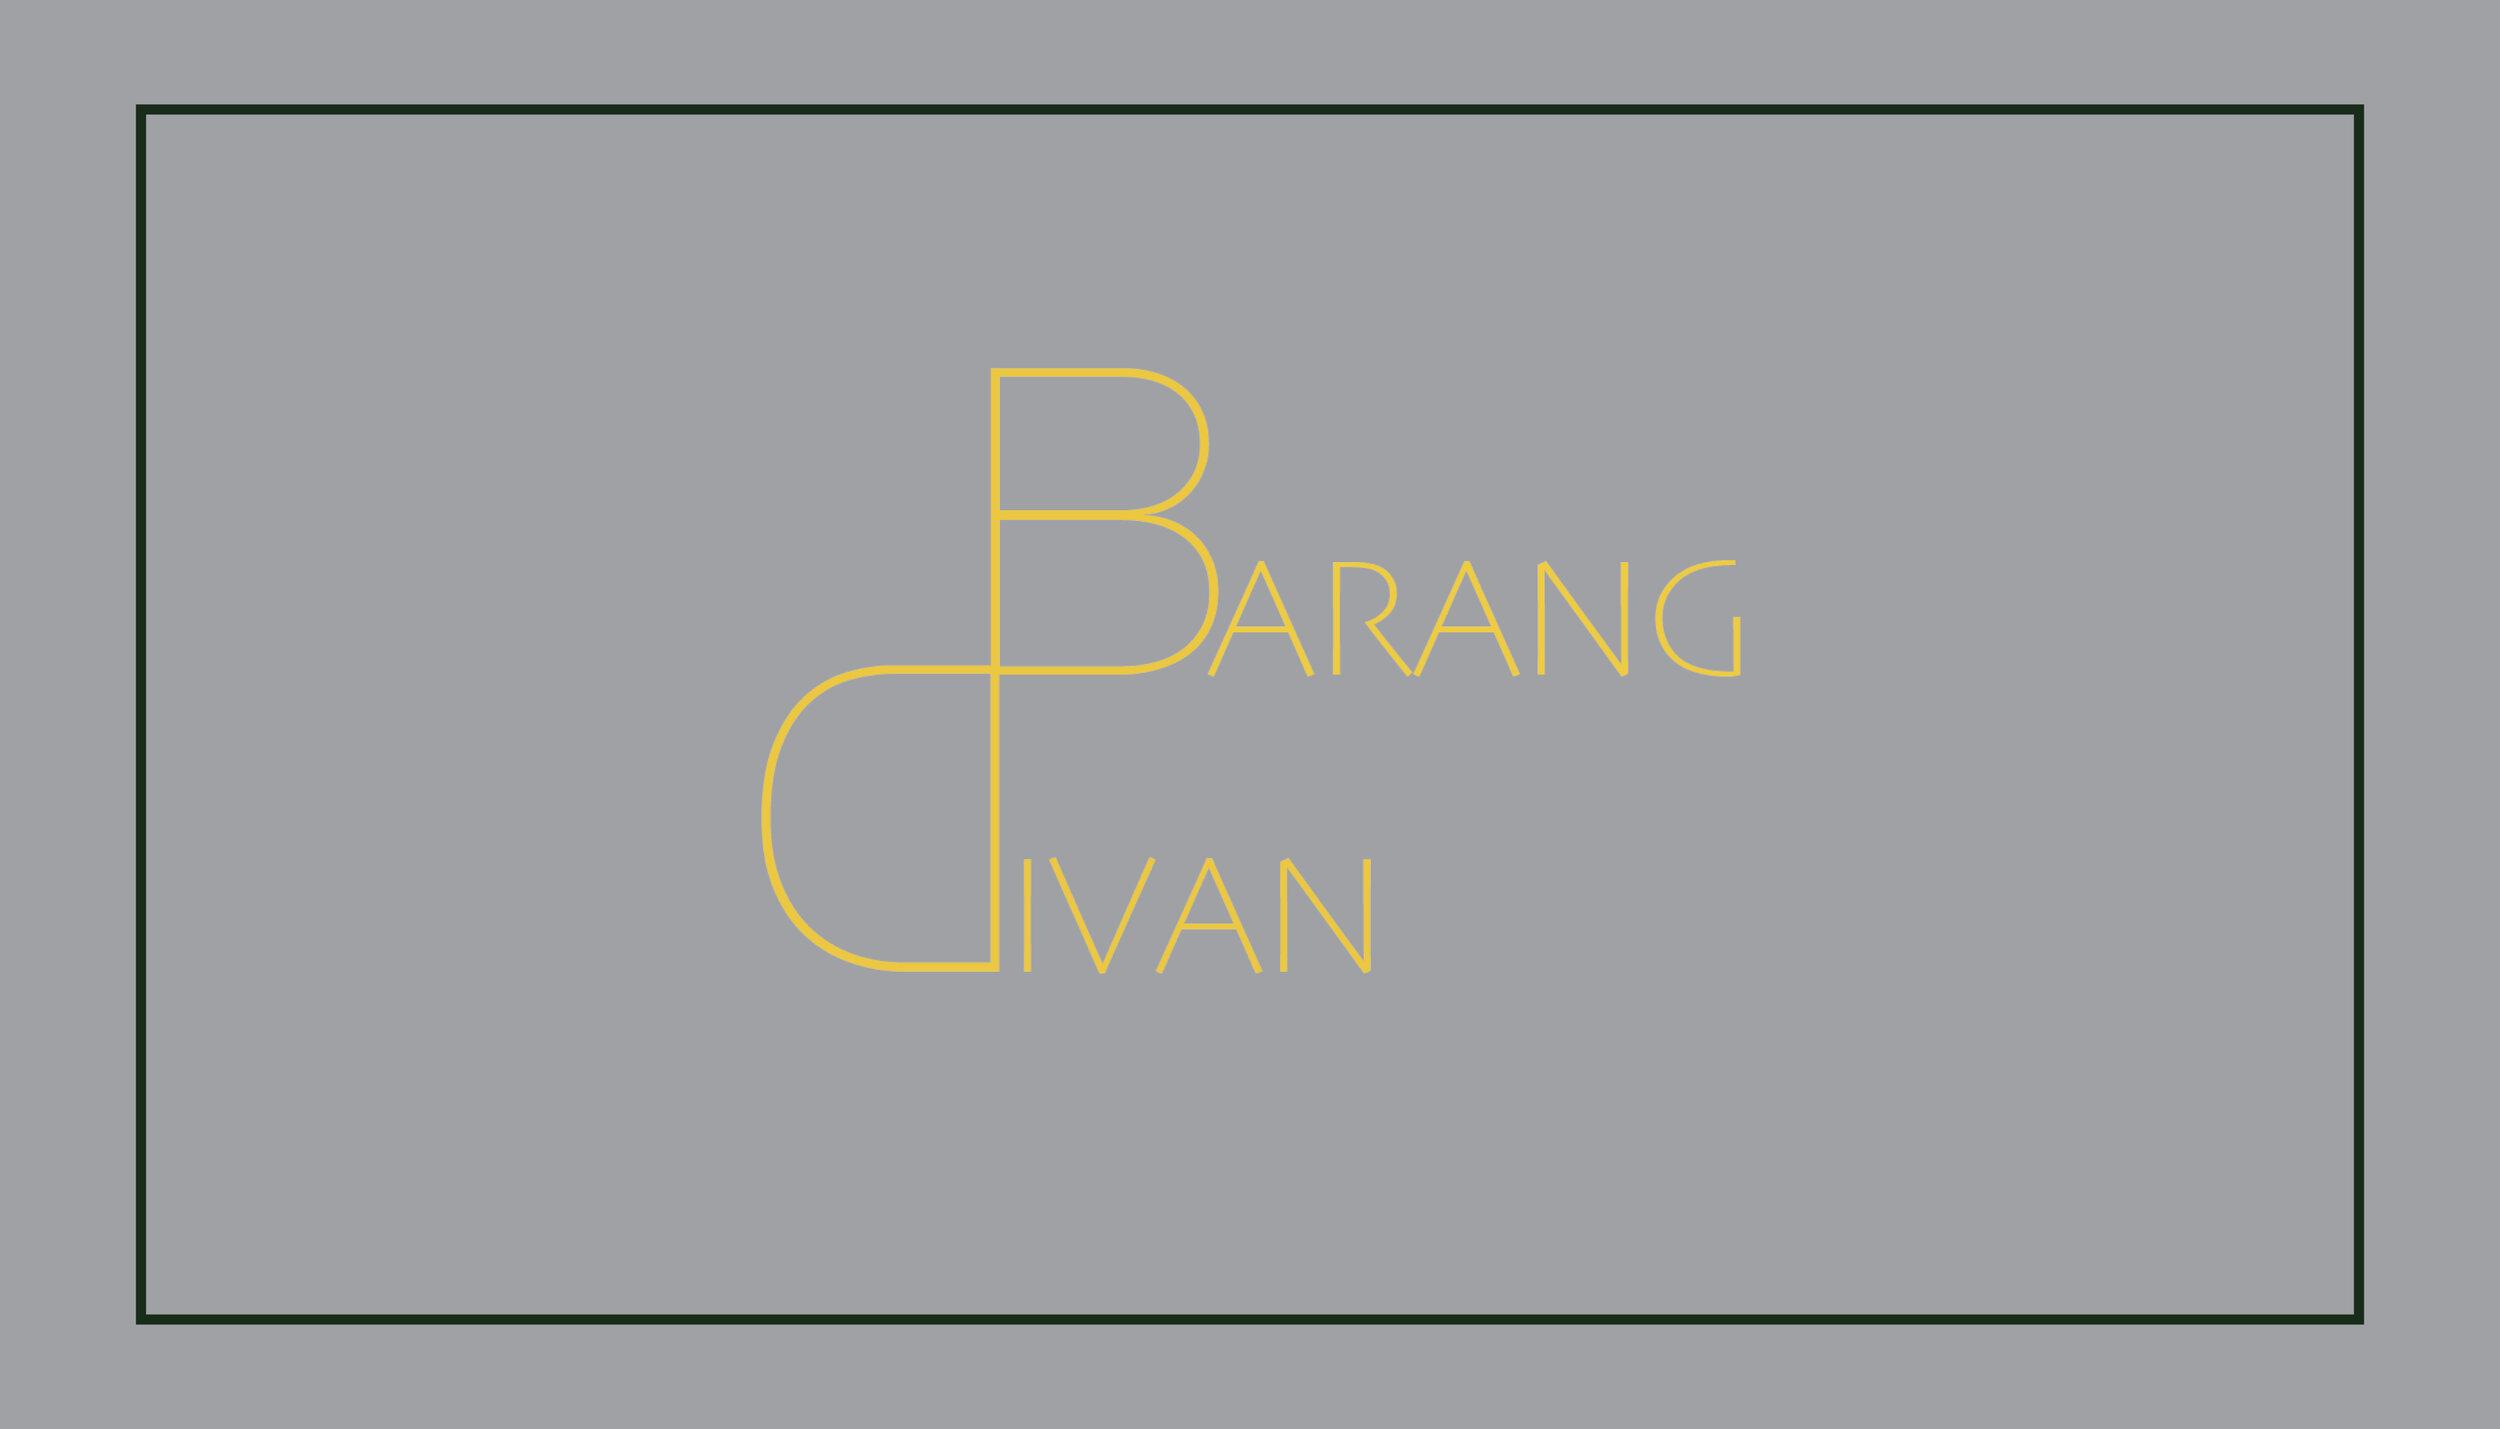 Barang Divan Membership Cards3.jpg